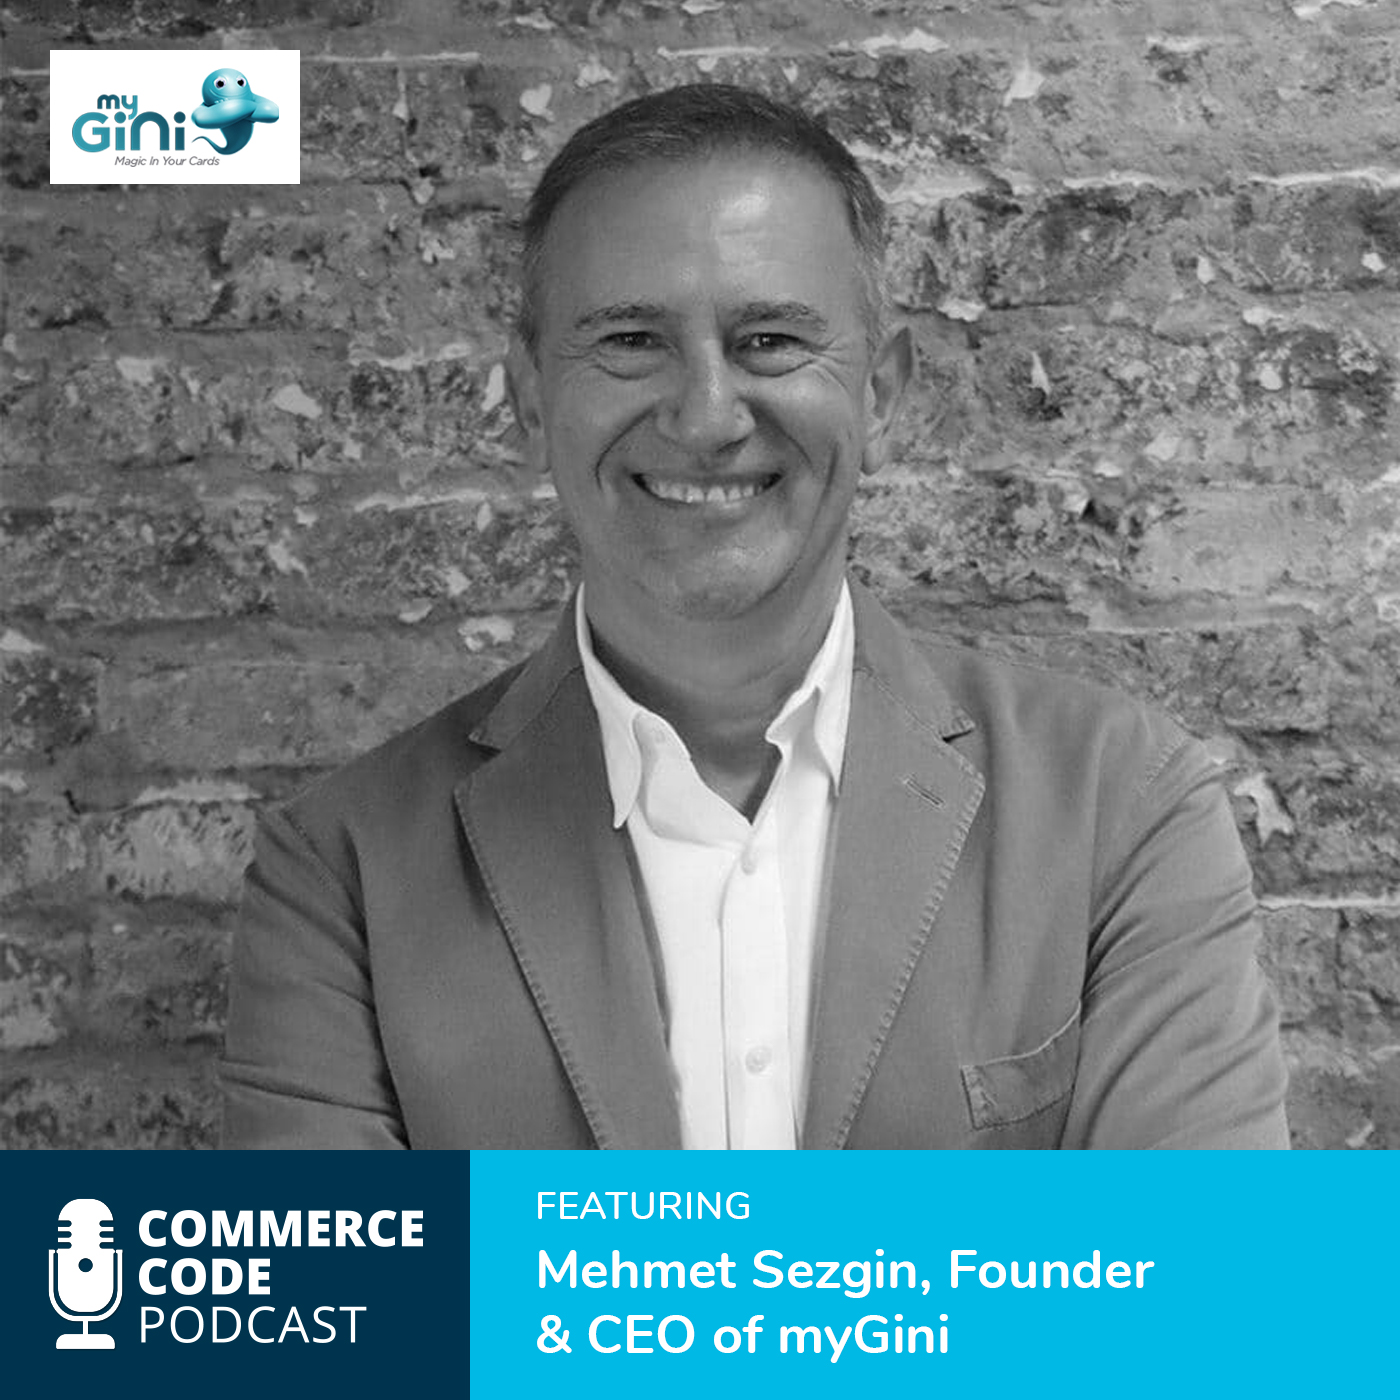 Mehemet Sezgin, Founder & CEO of myGini